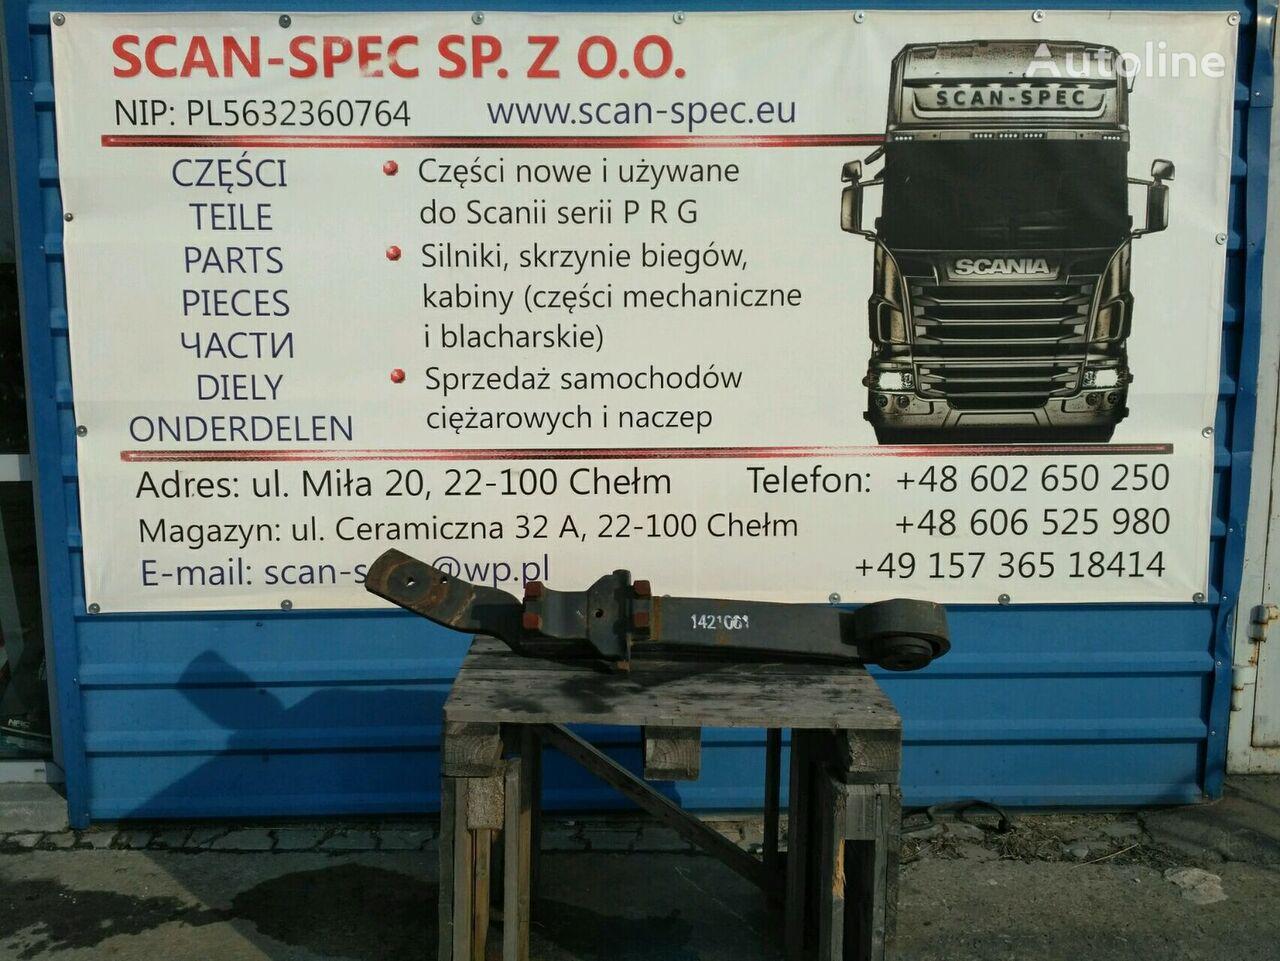 SCANIA Prawa Strona LH (1421061) suspensión de ballesta para SCANIA P R G T tractora